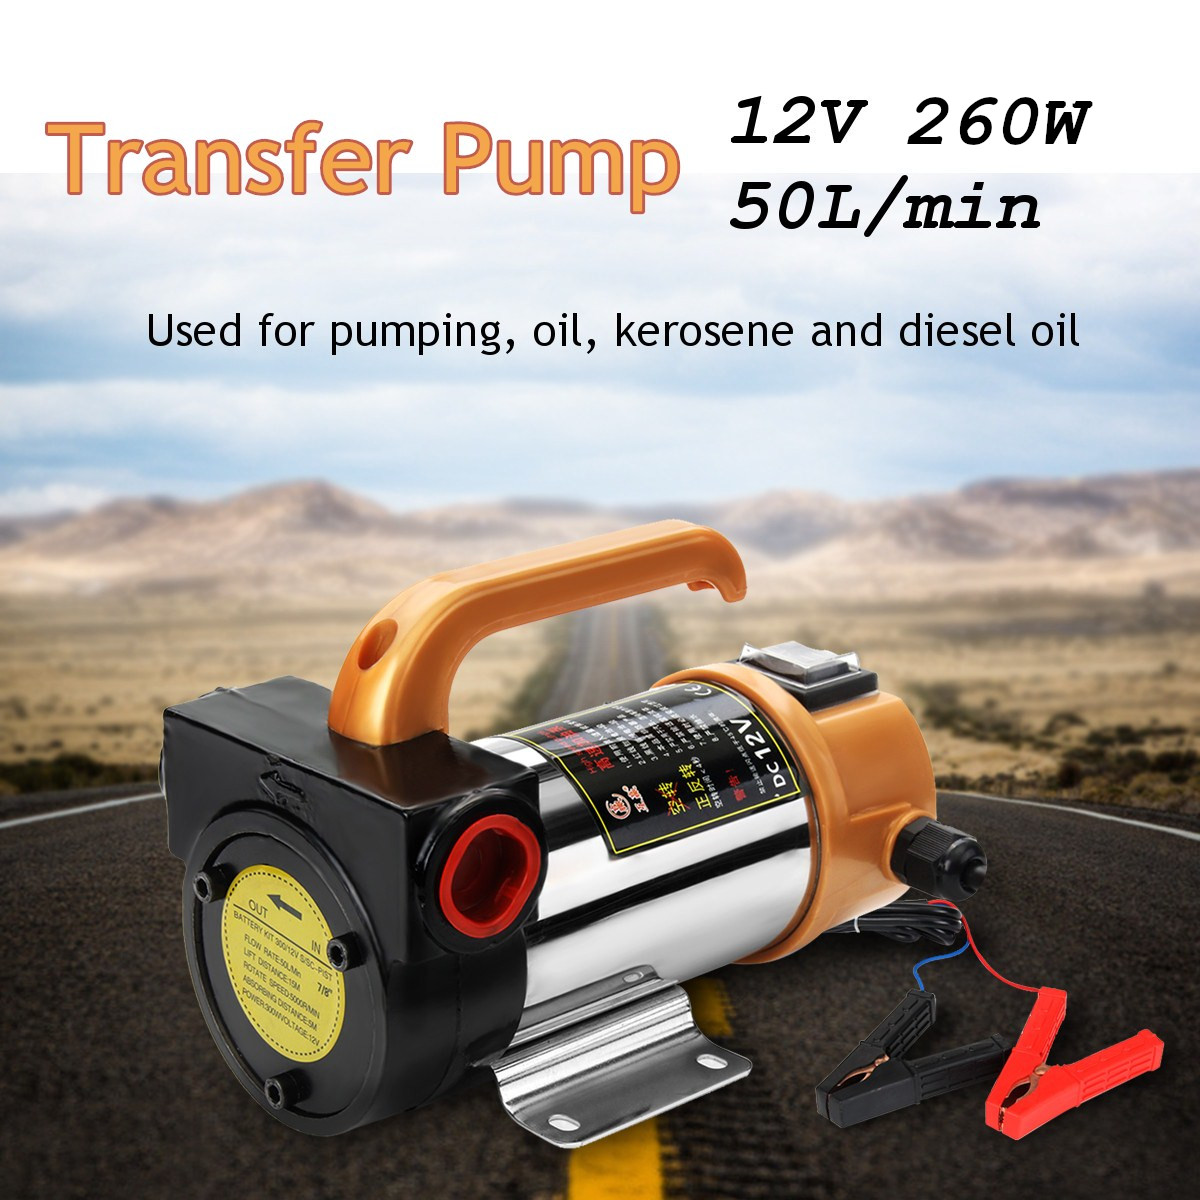 12В 260 Вт автомобильный двигатель портативный для дизельного топлива перекачивающий Насос самовсасывающий масляный насос 50л/мин